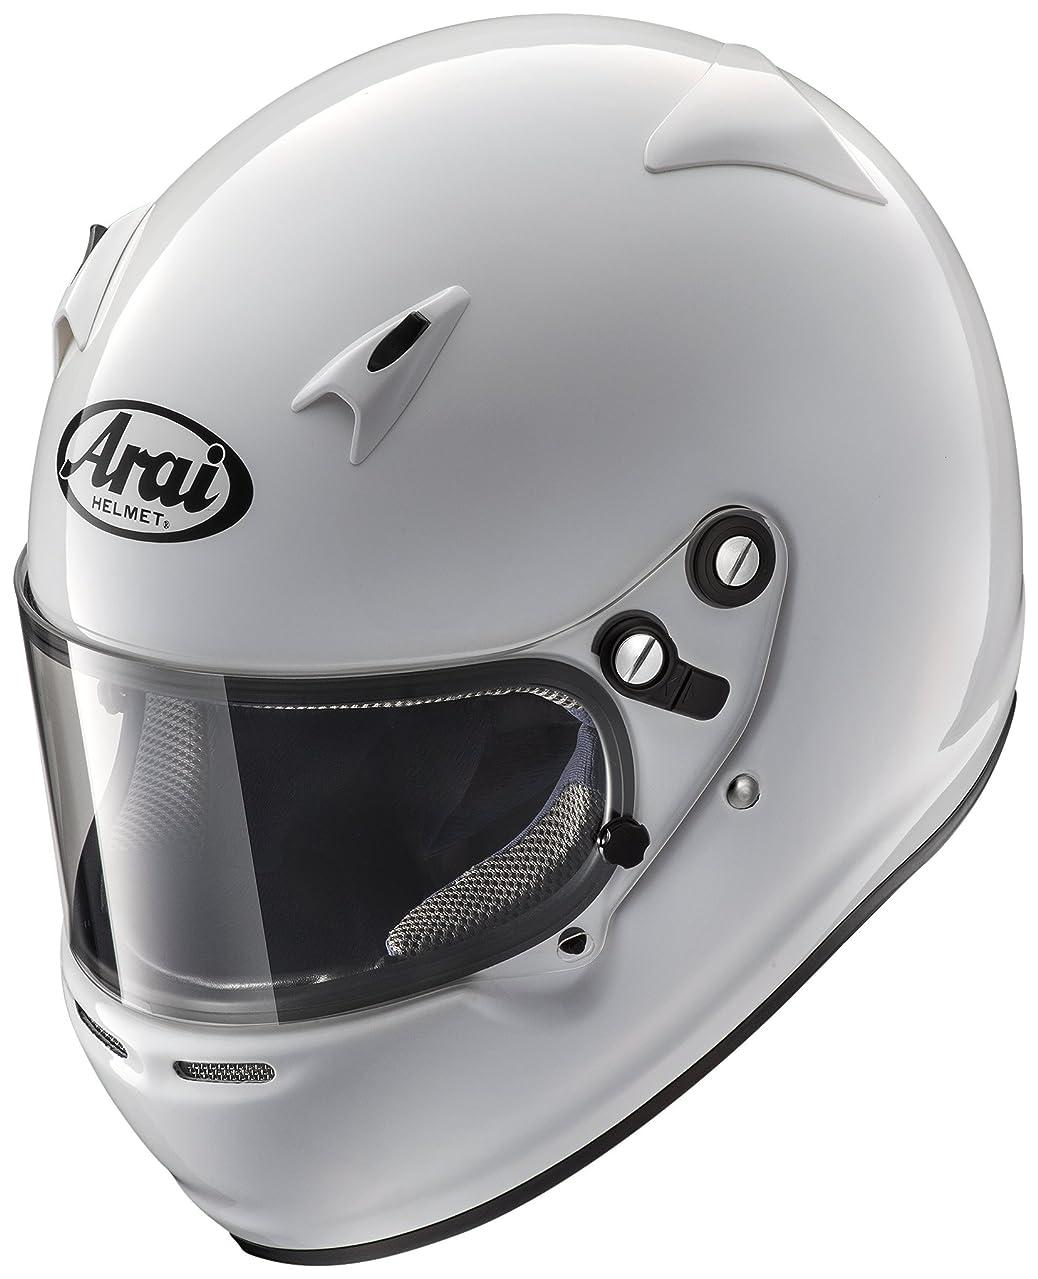 後闘争肥満アライ(ARAI) ジュニアカート競技用ヘルメット フルフェイス(54-56cm) CK-6K-S